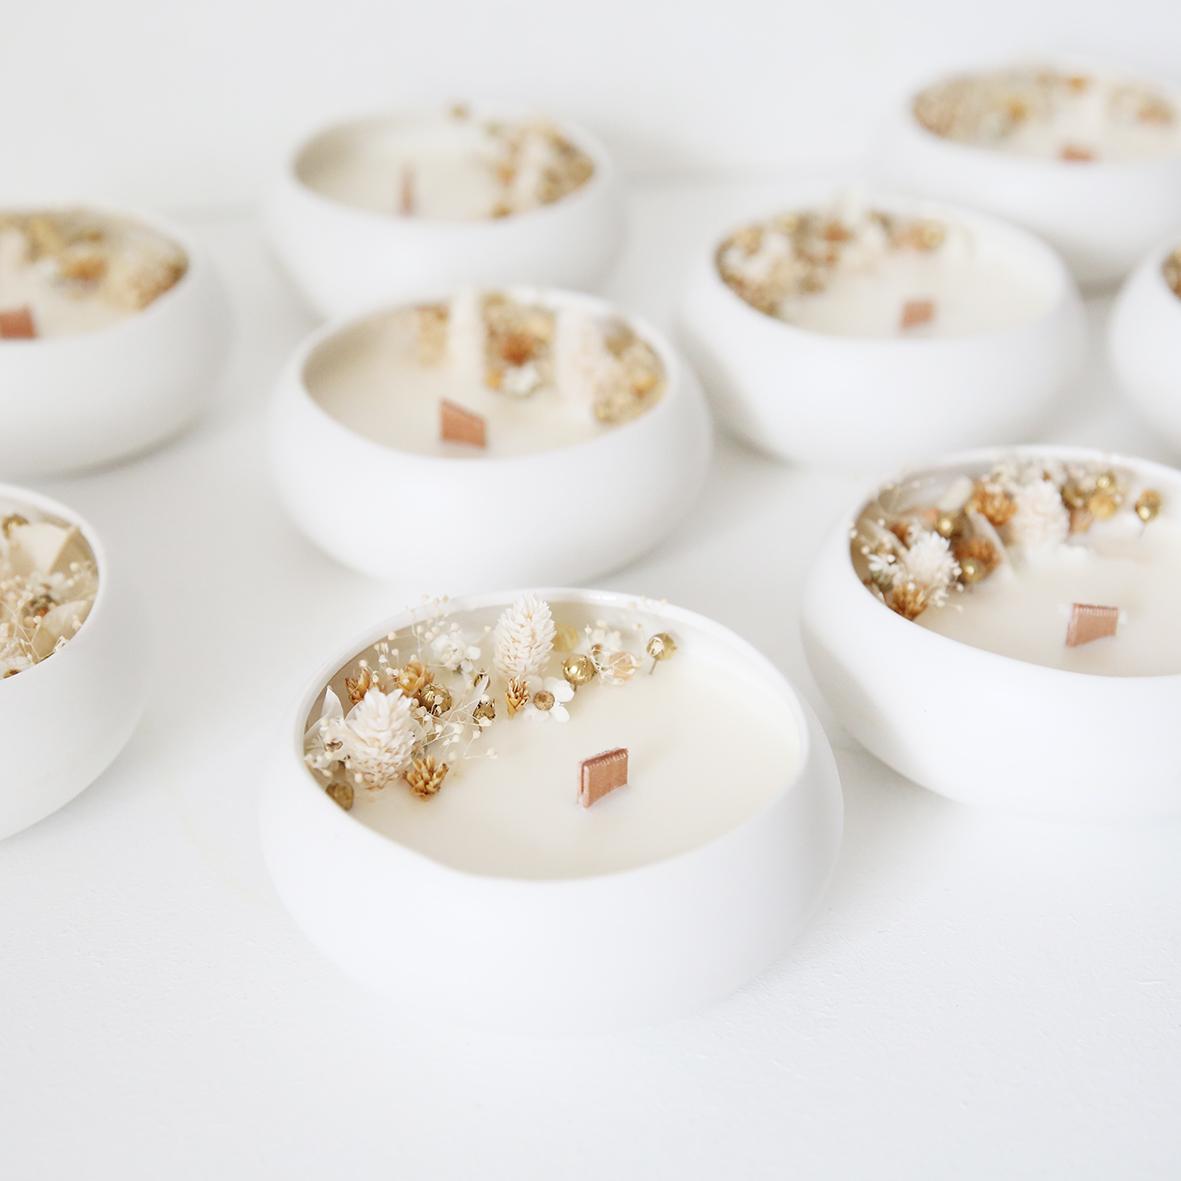 Bougie fleurie cire de soja et fleurs séchées galet douceur